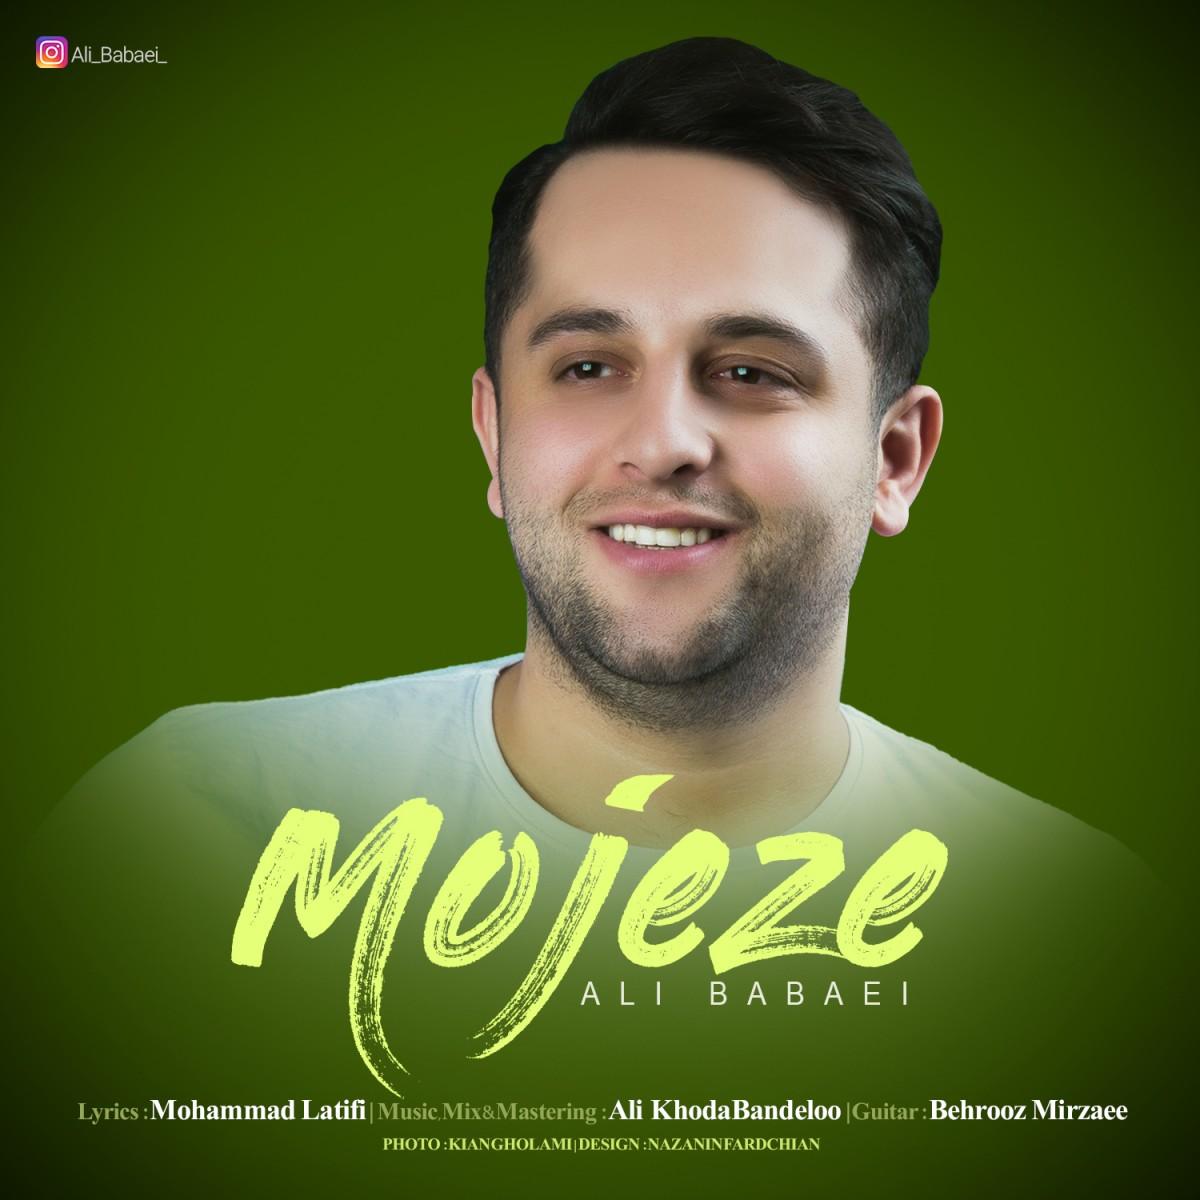 نامبر وان موزیک | دانلود آهنگ جدید Ali-Babaei-Mojeze